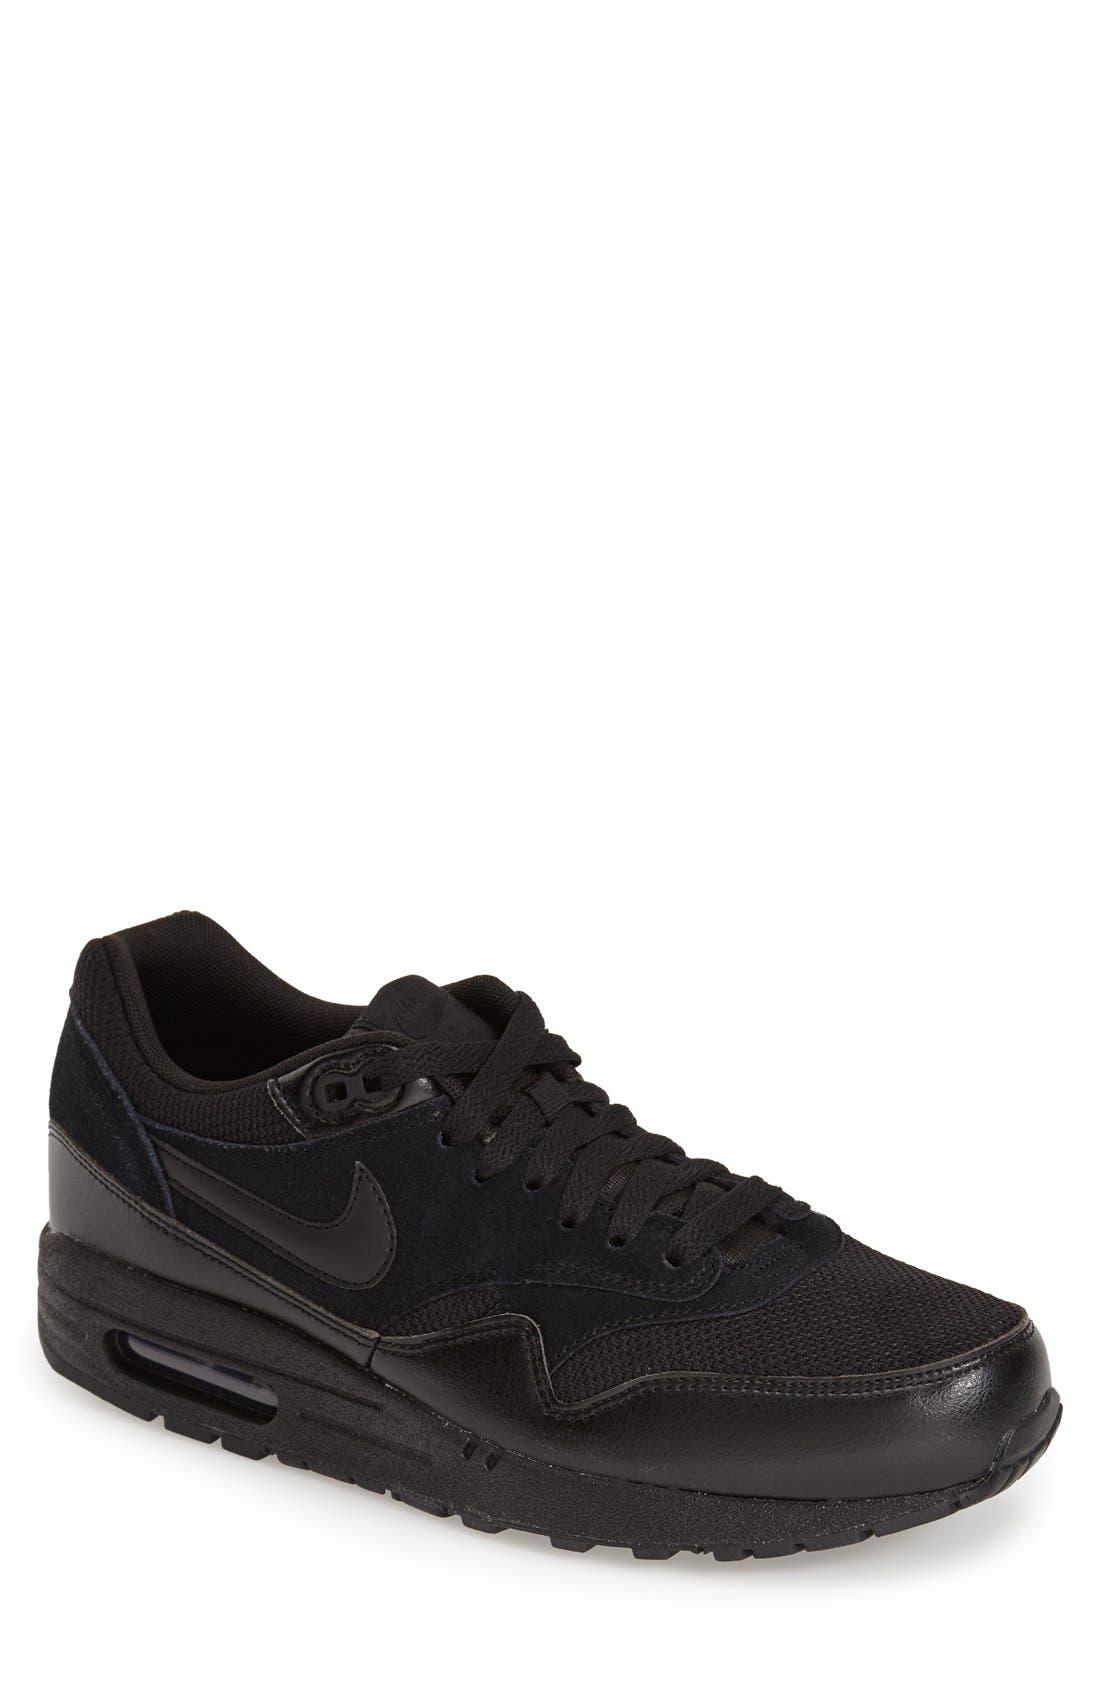 Alternate Image 1 Selected - Nike 'Air Max 1 Essential' Sneaker (Men)